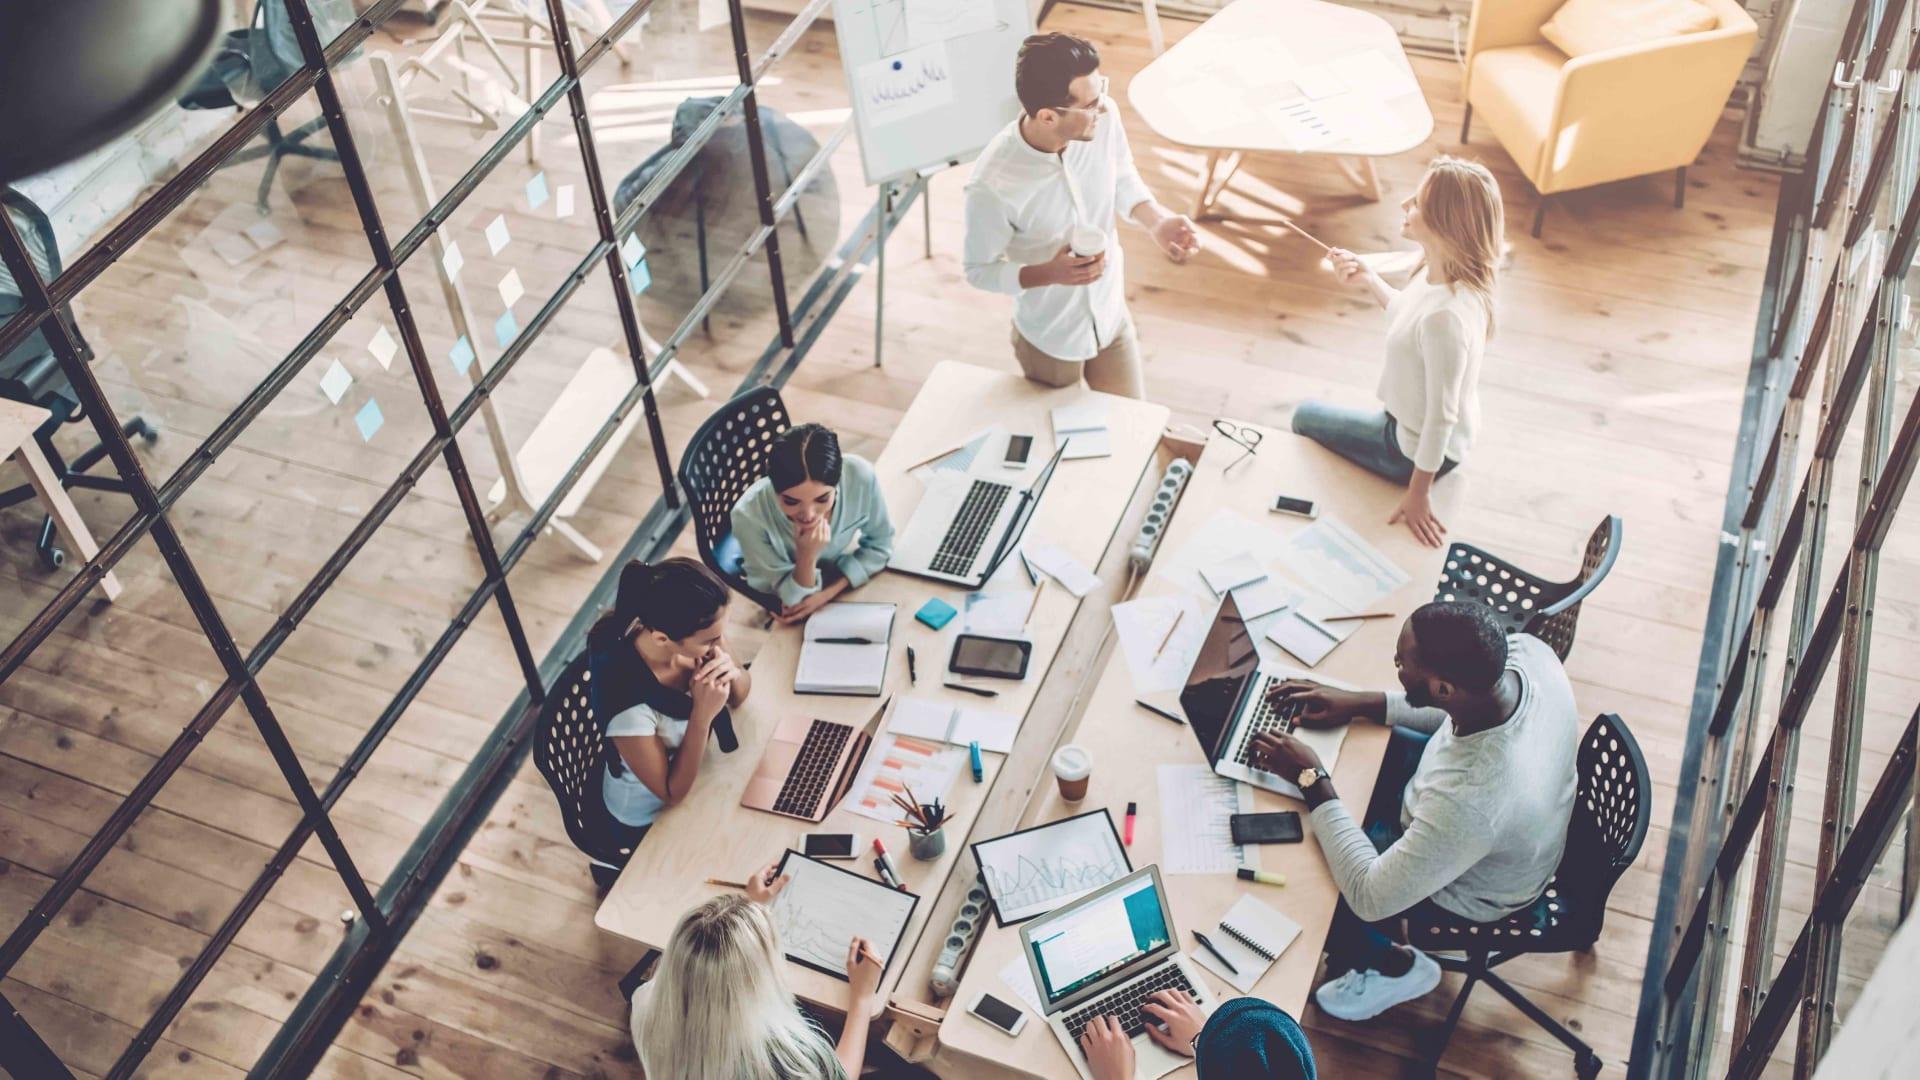 How Can I Make Team Meetings More Useful?